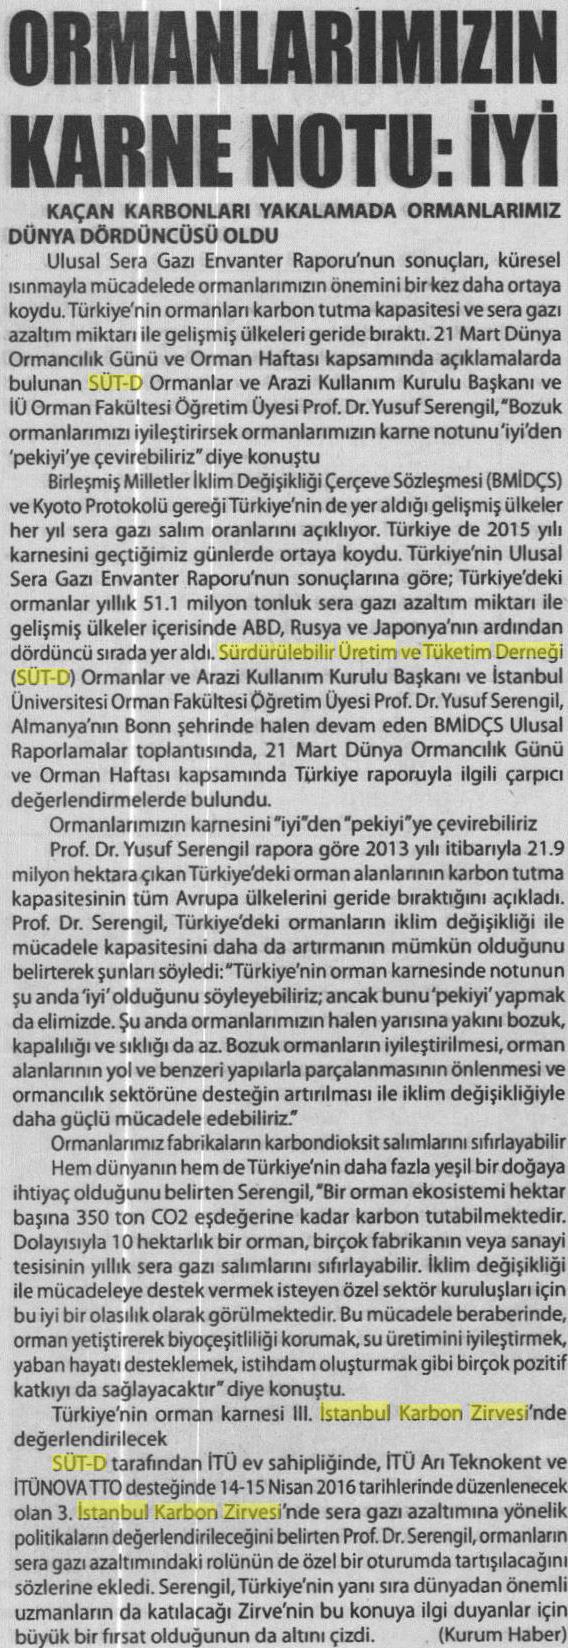 Kayseri Hakimiyet 21.03.2016